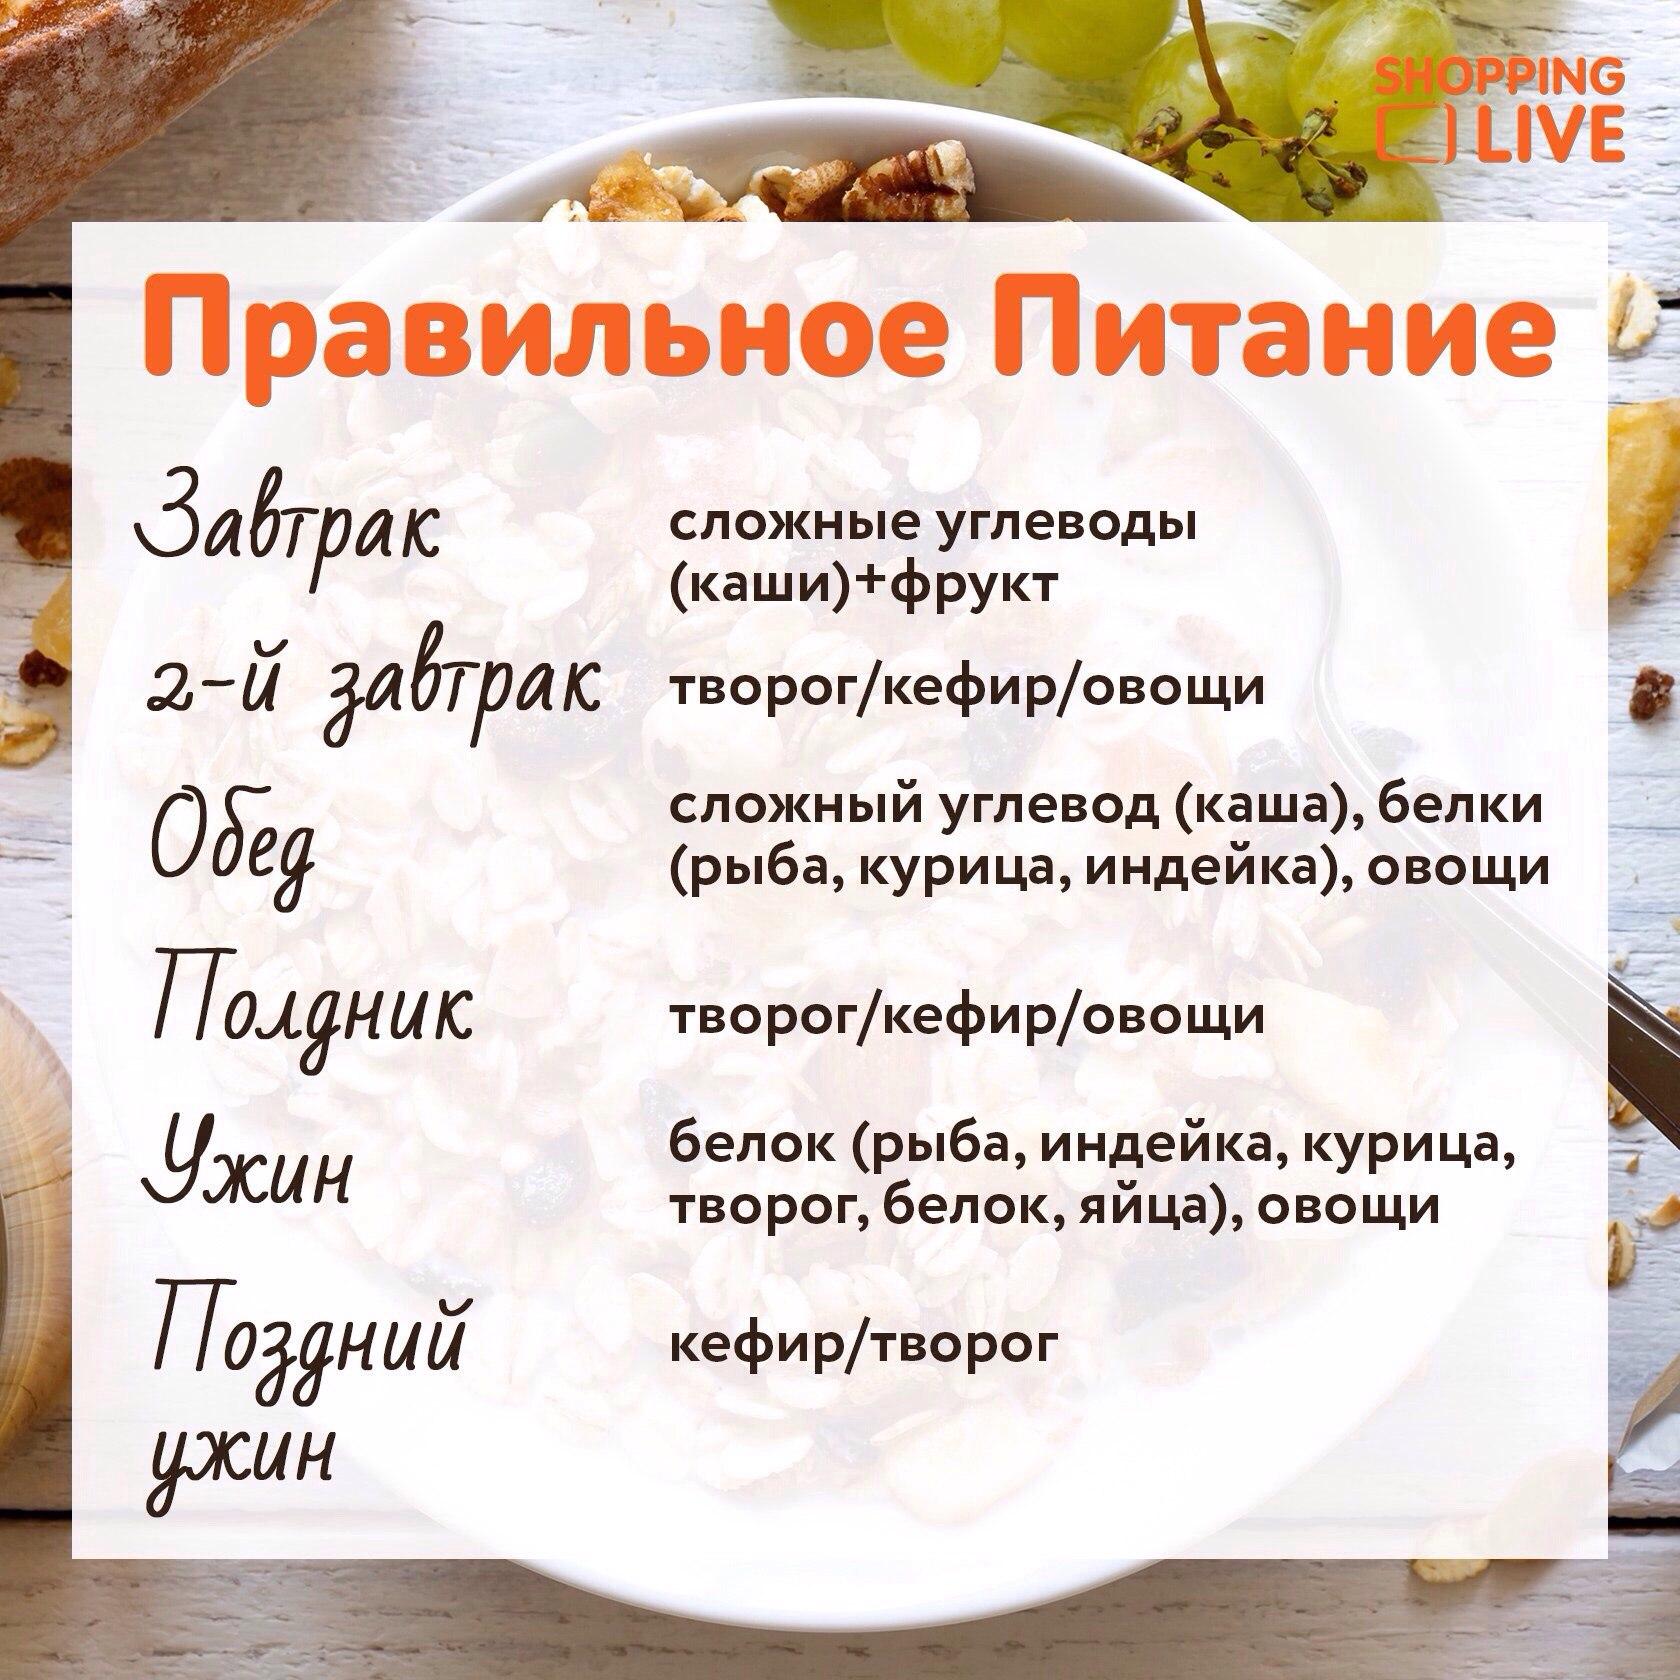 https://pp.userapi.com/c637121/v637121322/625c5/Vl_kVEkiXAw.jpg